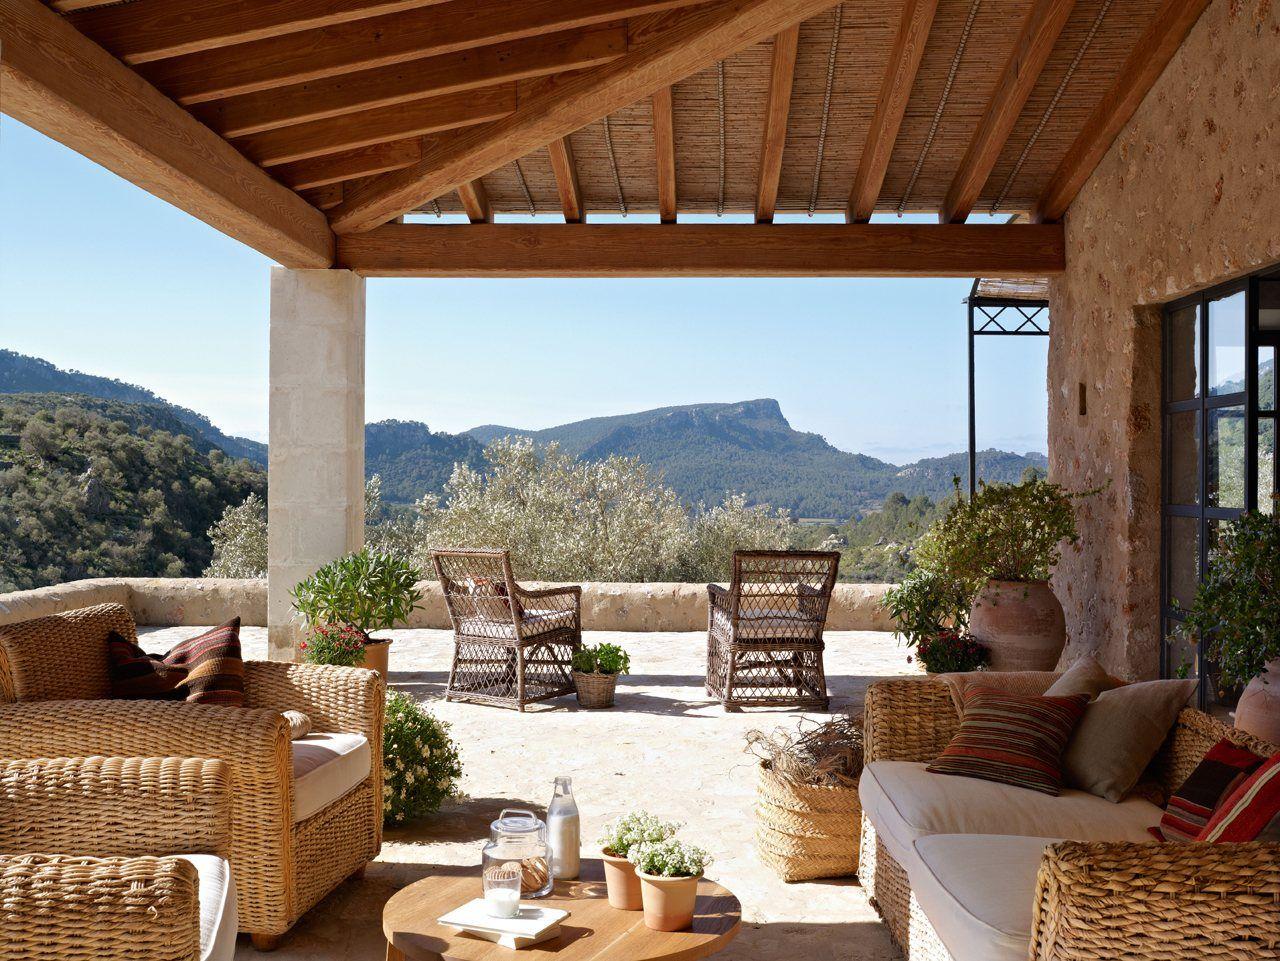 mirador al paisaje las montaas ofrecen al porche su mgico espectculo las butacas de mimbre